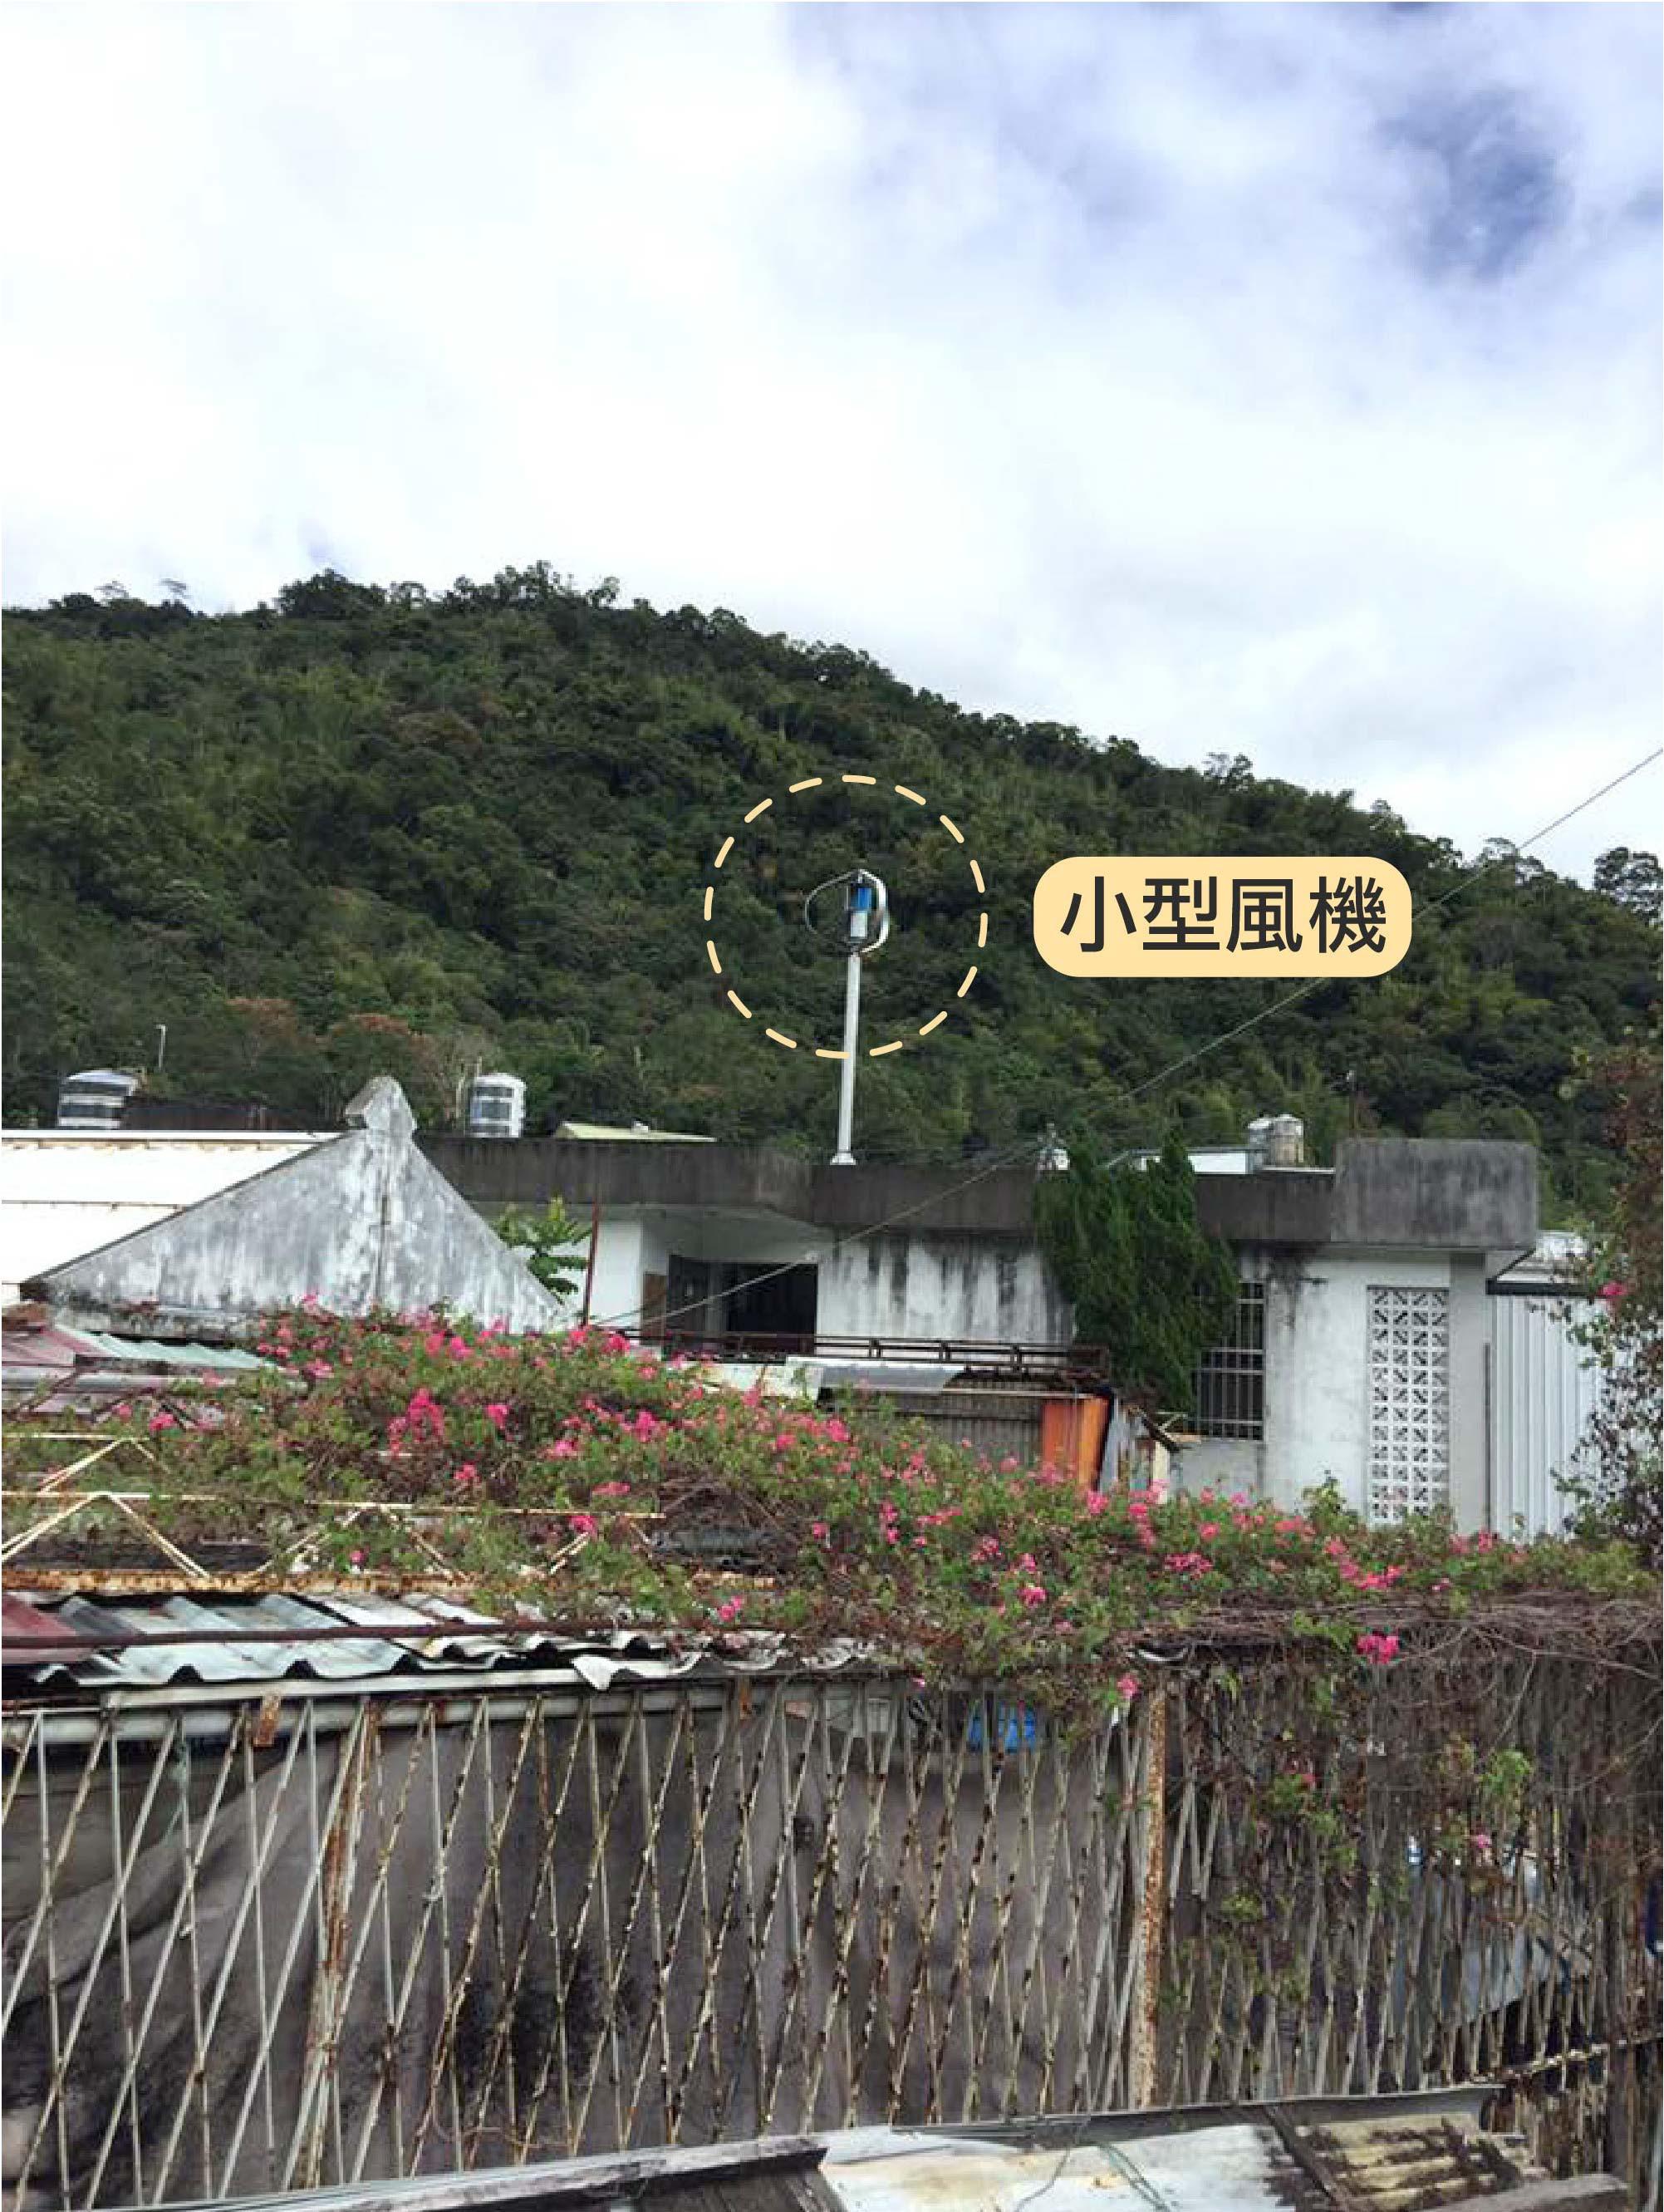 達魯瑪克部落在社區避難所設置小型風機,做為自主發電的一部分。圖│主婦聯盟